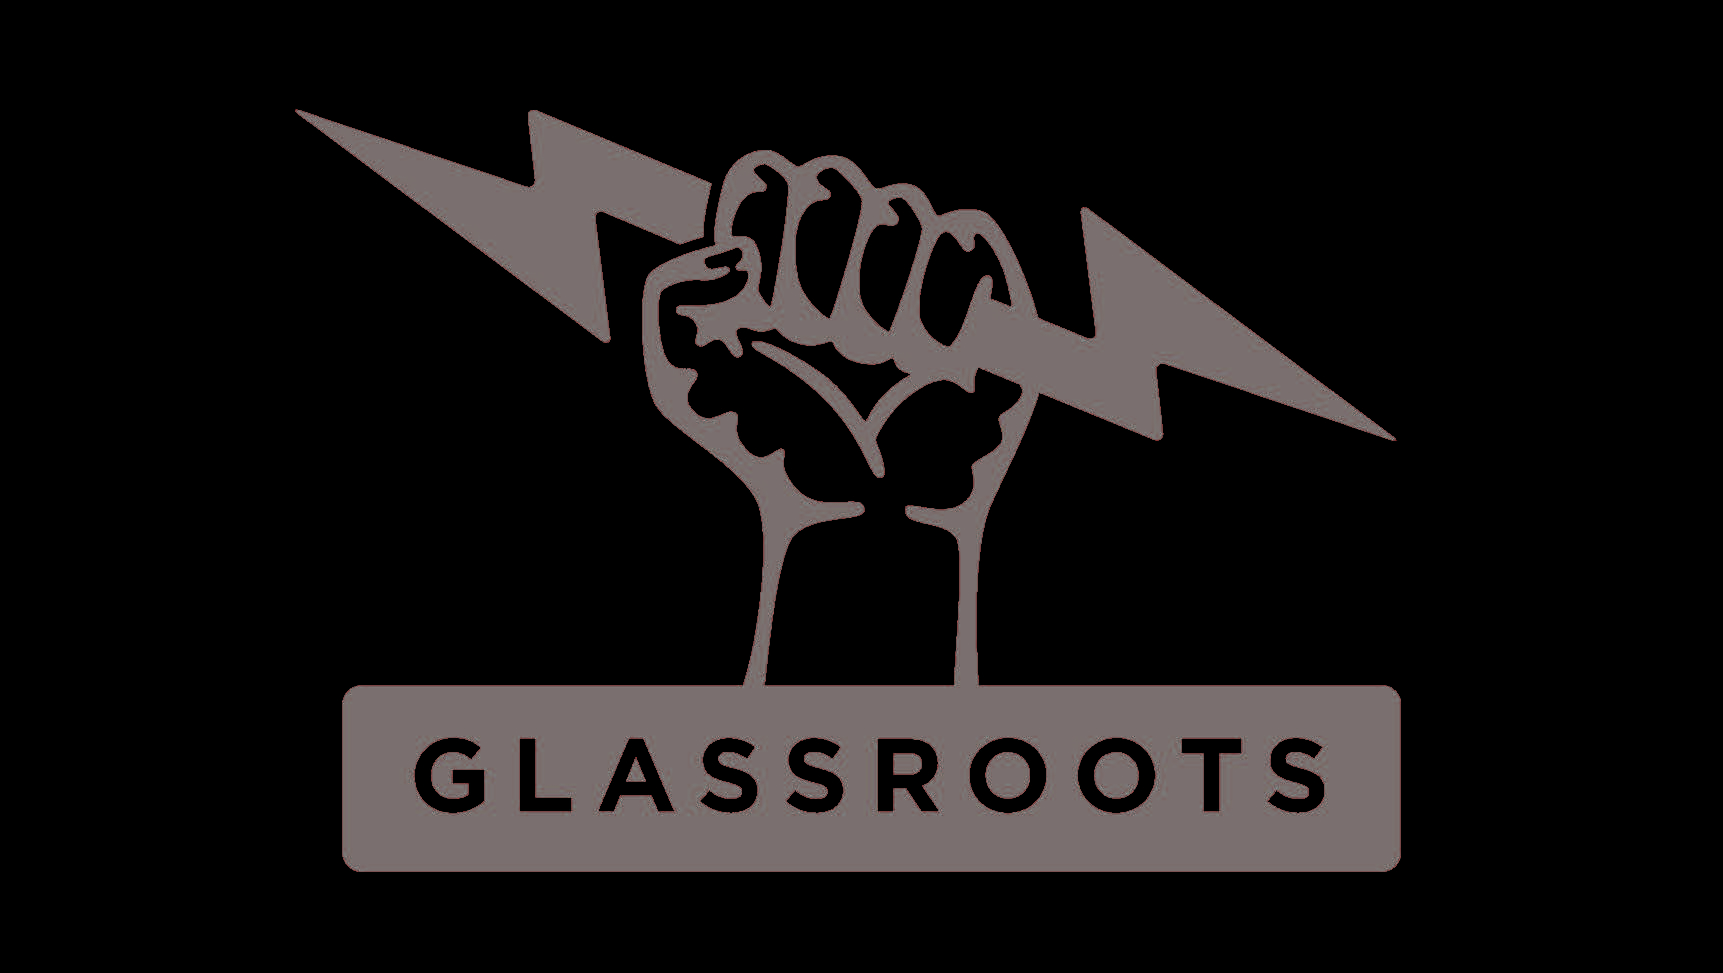 glassrootslogoblackonwhite